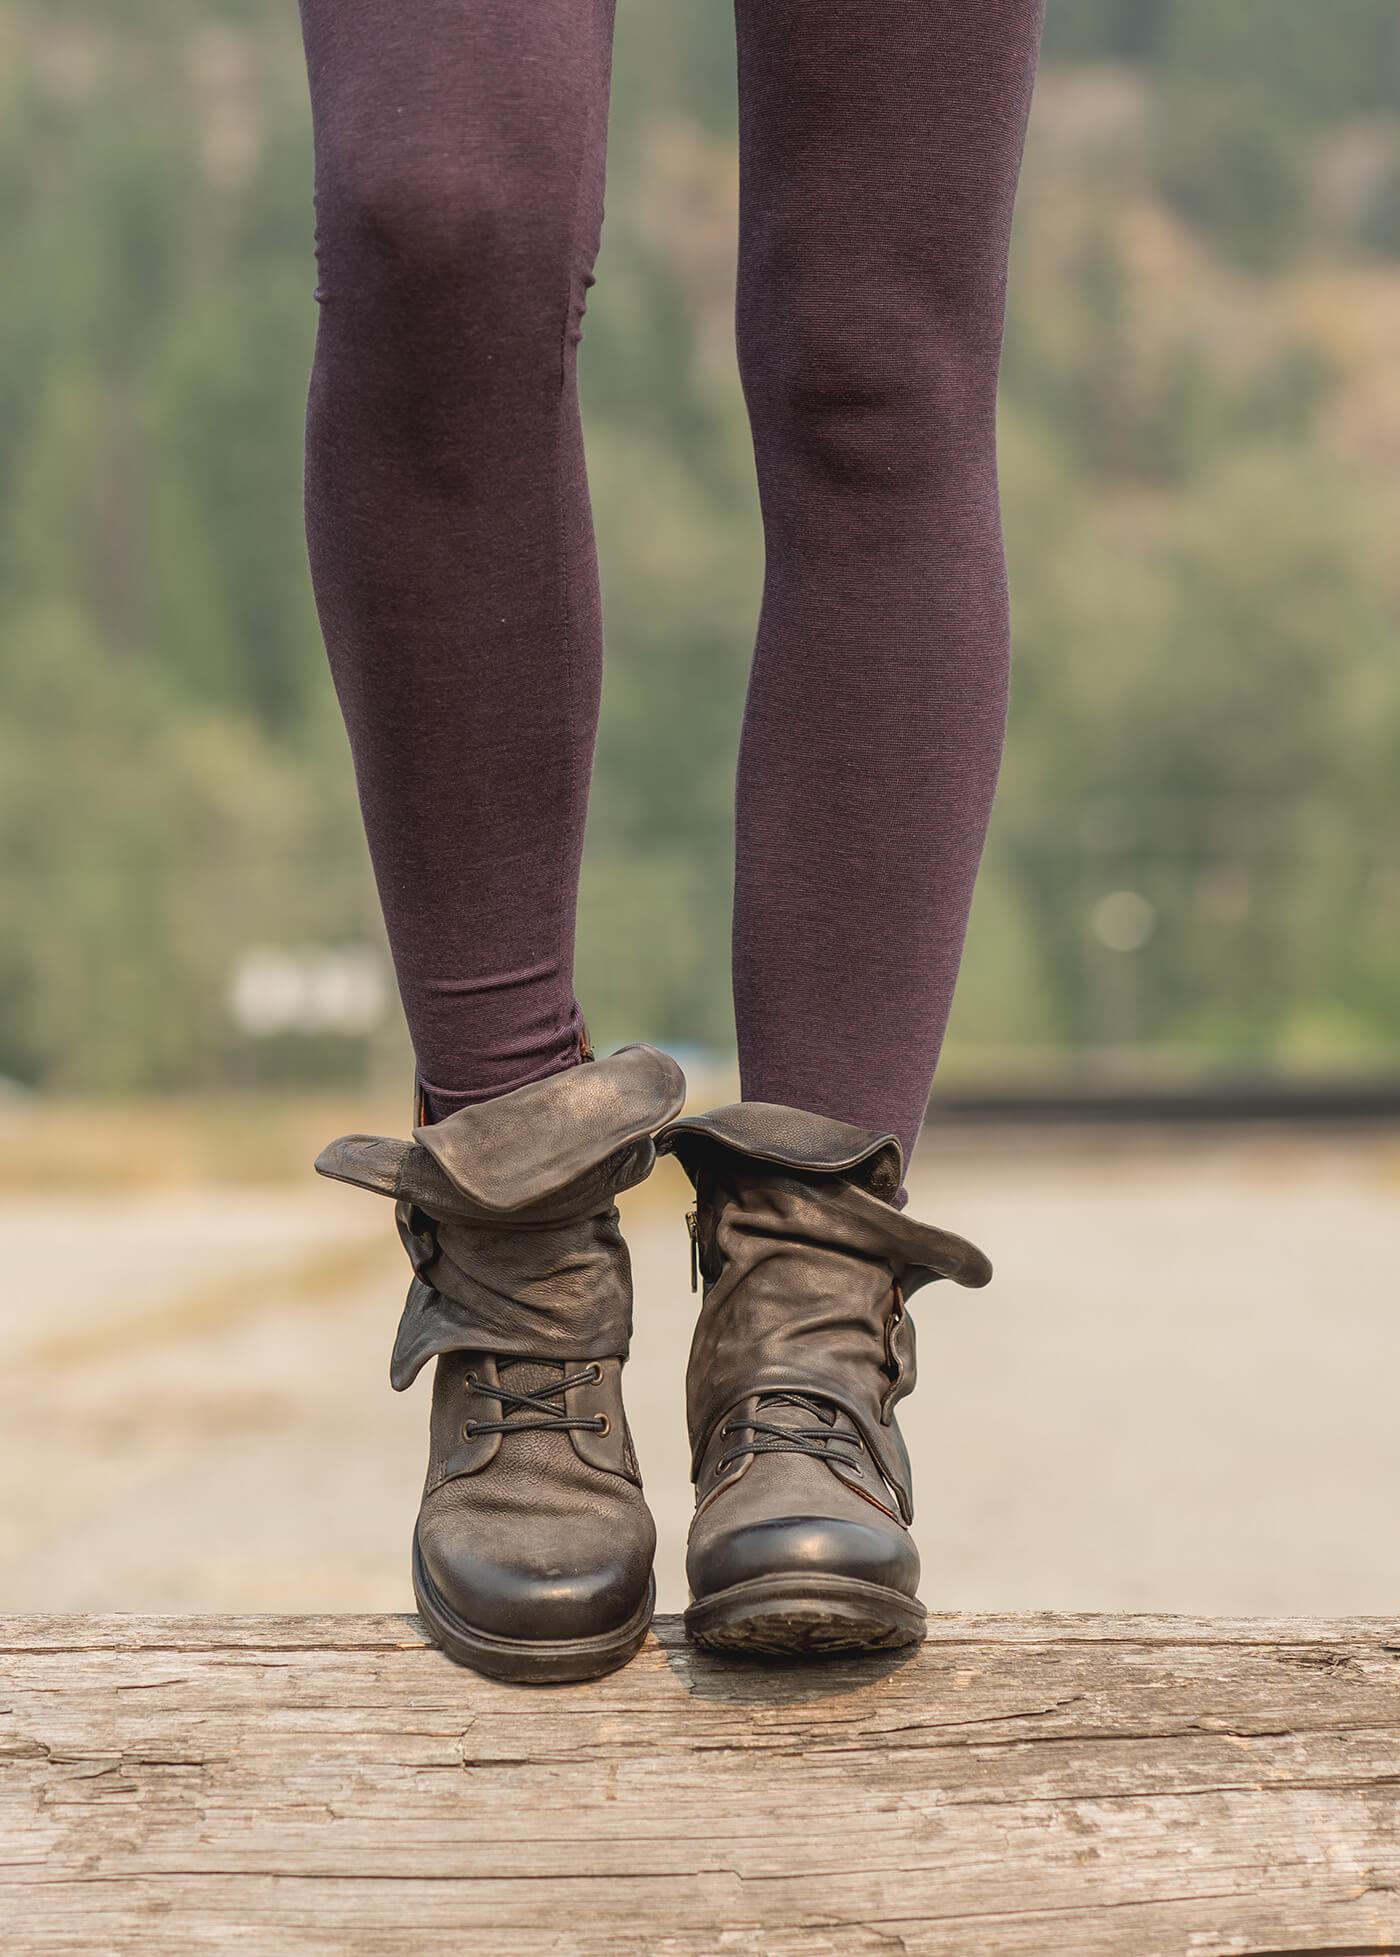 As98 Bercy Boots Nomads Hemp Wear